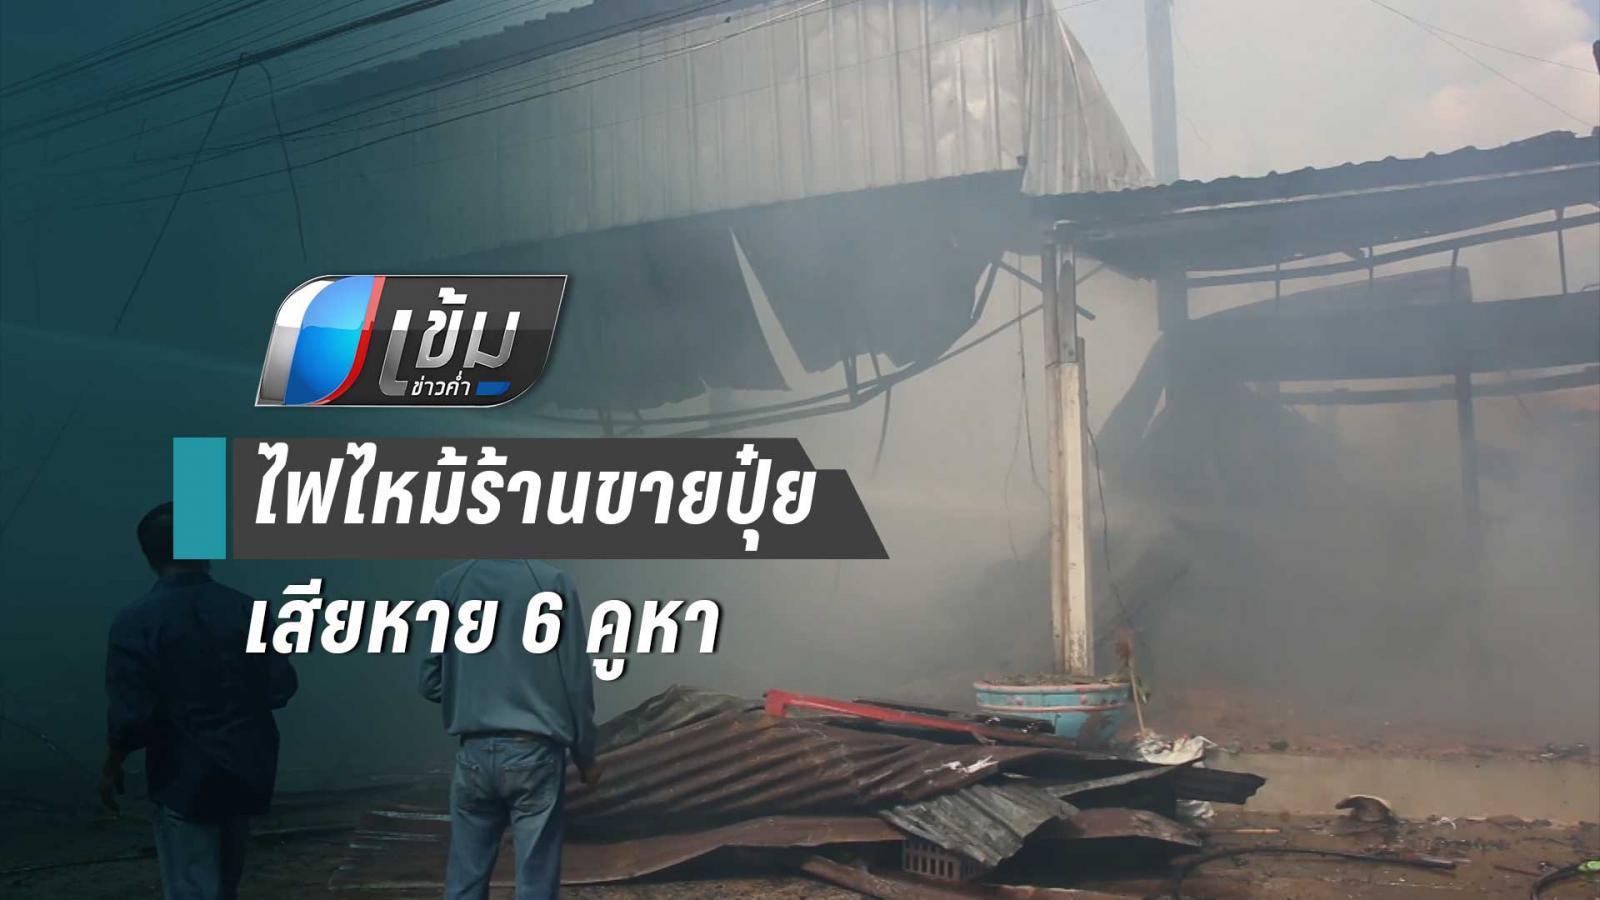 ไฟไหม้ร้านขายปุ๋ยเสียหาย 6 คูหา มูลค่าหลายล้านบาท